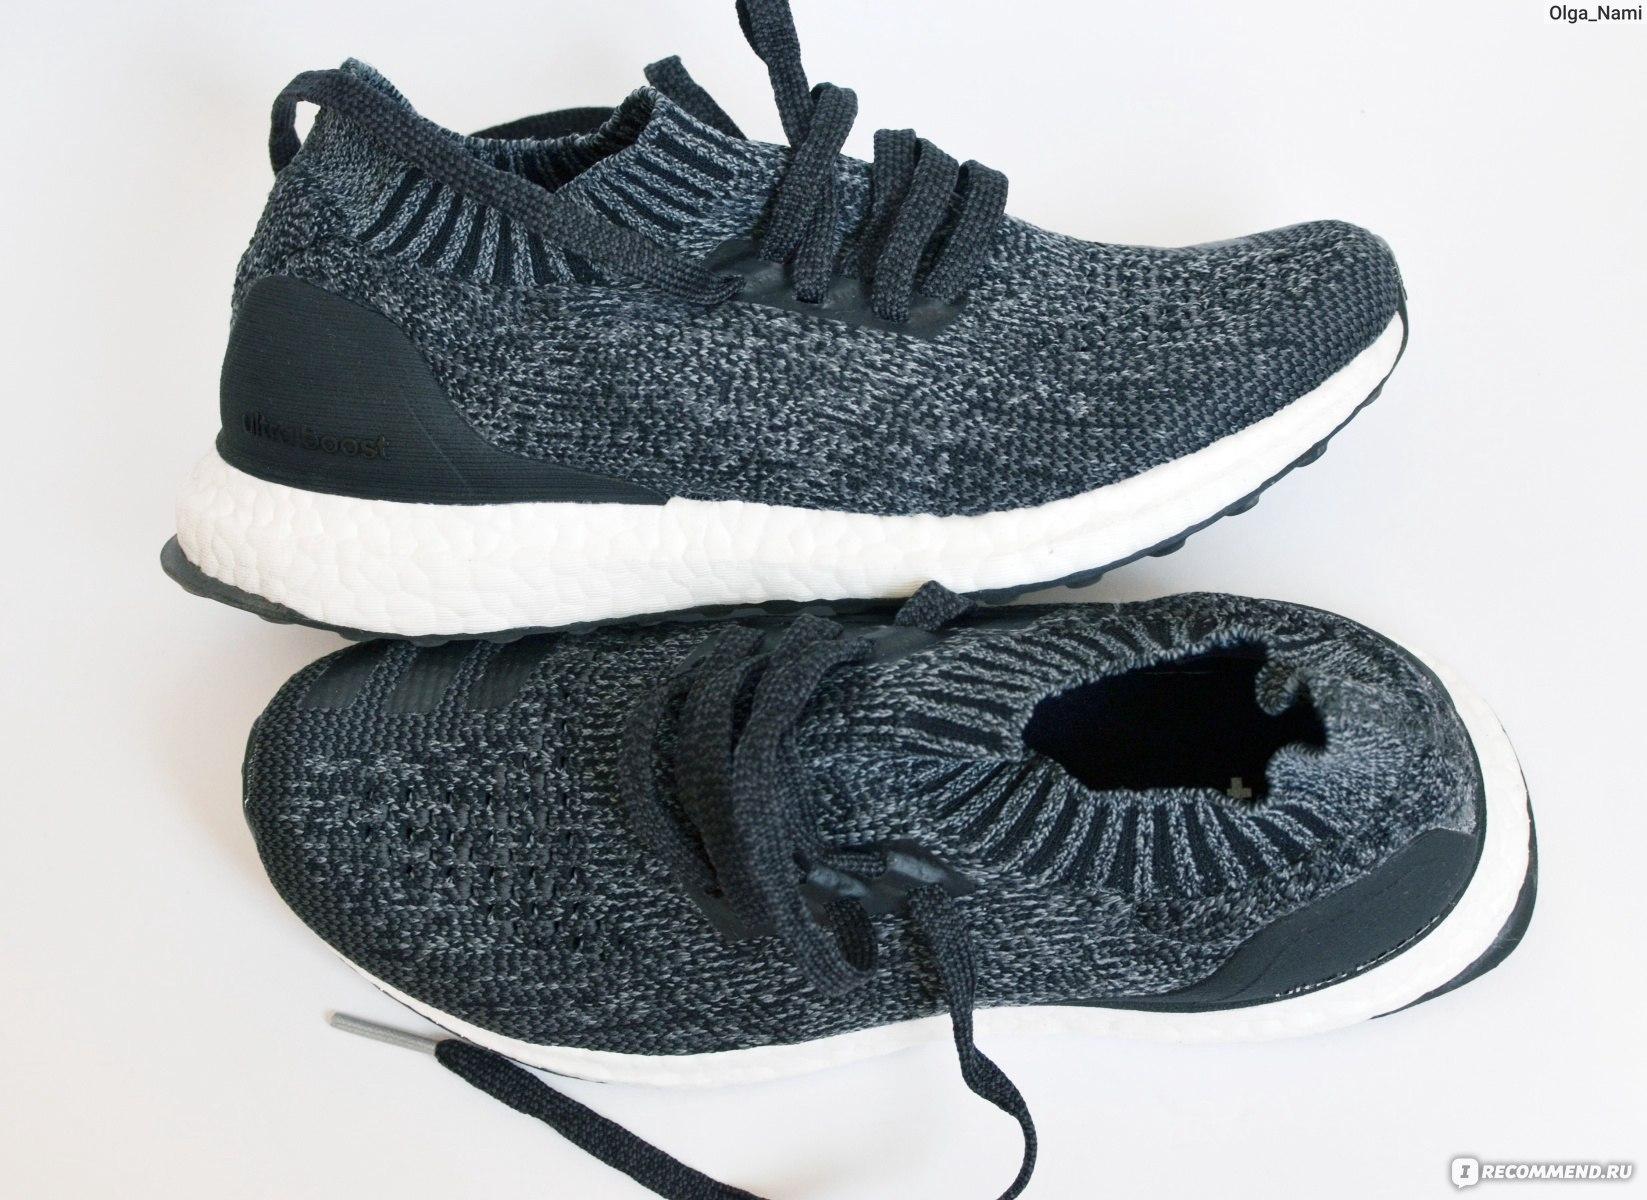 ca5ed6c3 Кроссовки для бега Adidas Ultraboost Uncaged - «Лучшие кроссовки для ...